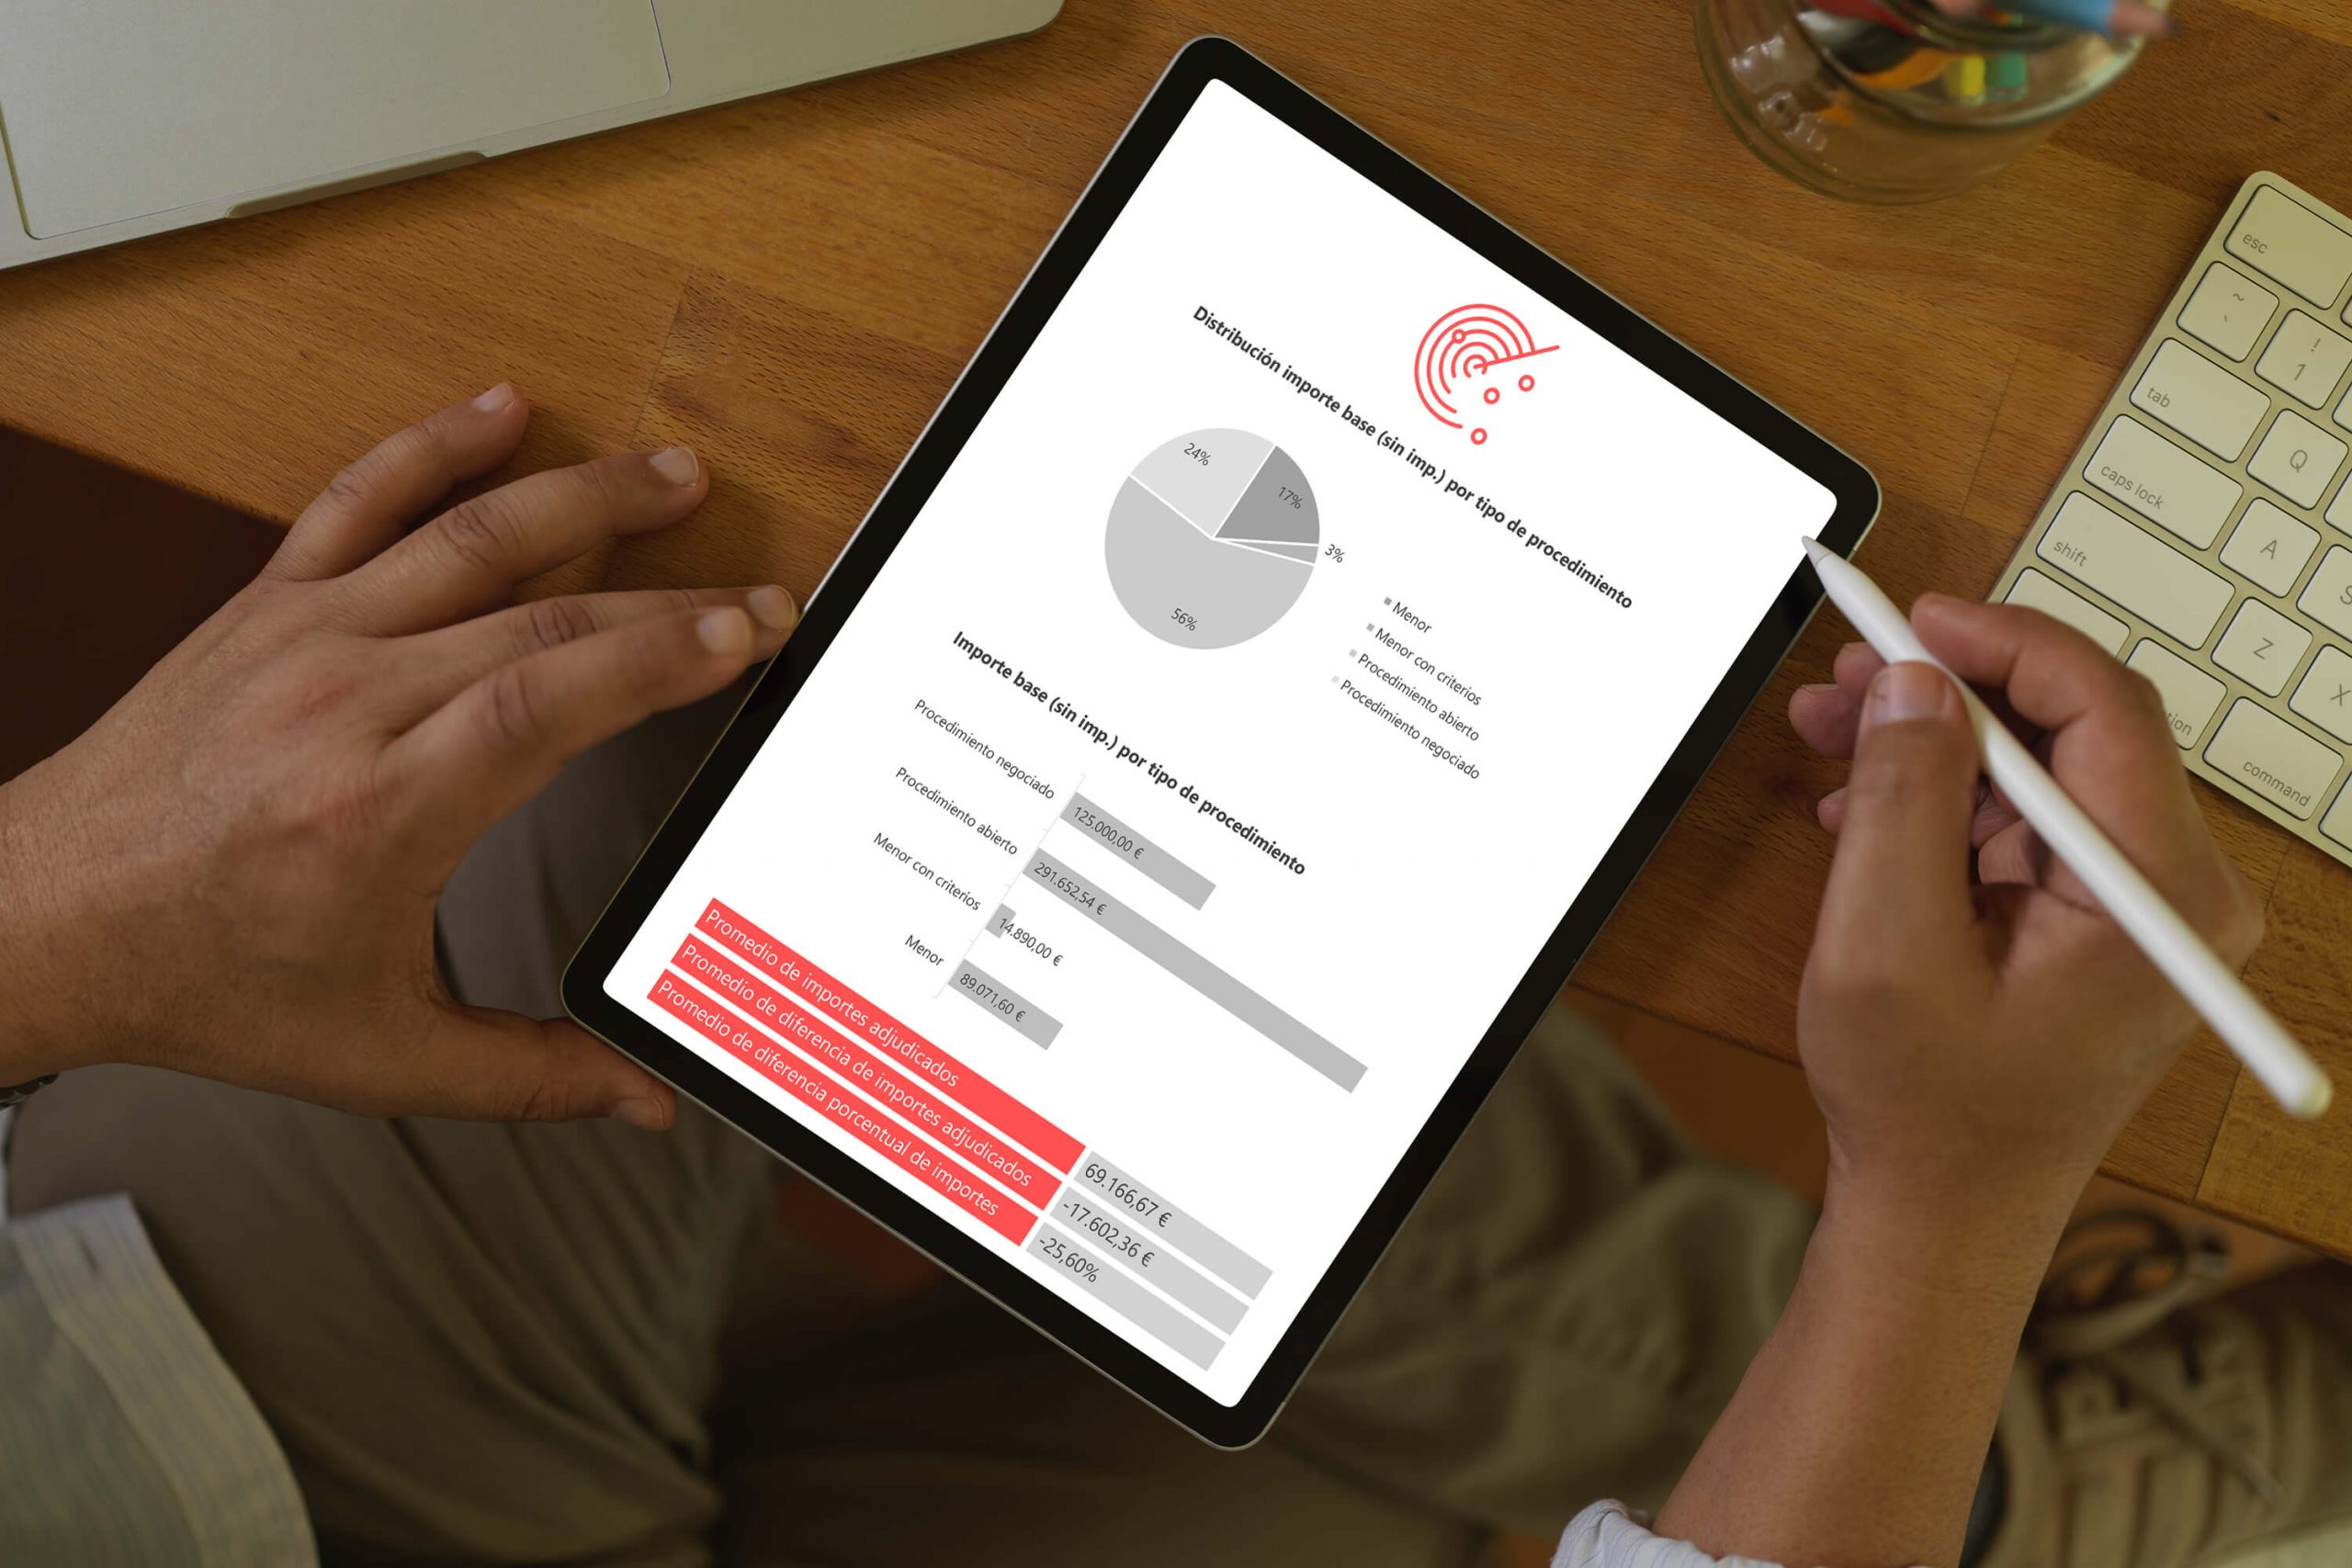 Lectura de informe de licitaciones de iQ Radar en iPad para encontrar concursos públicos